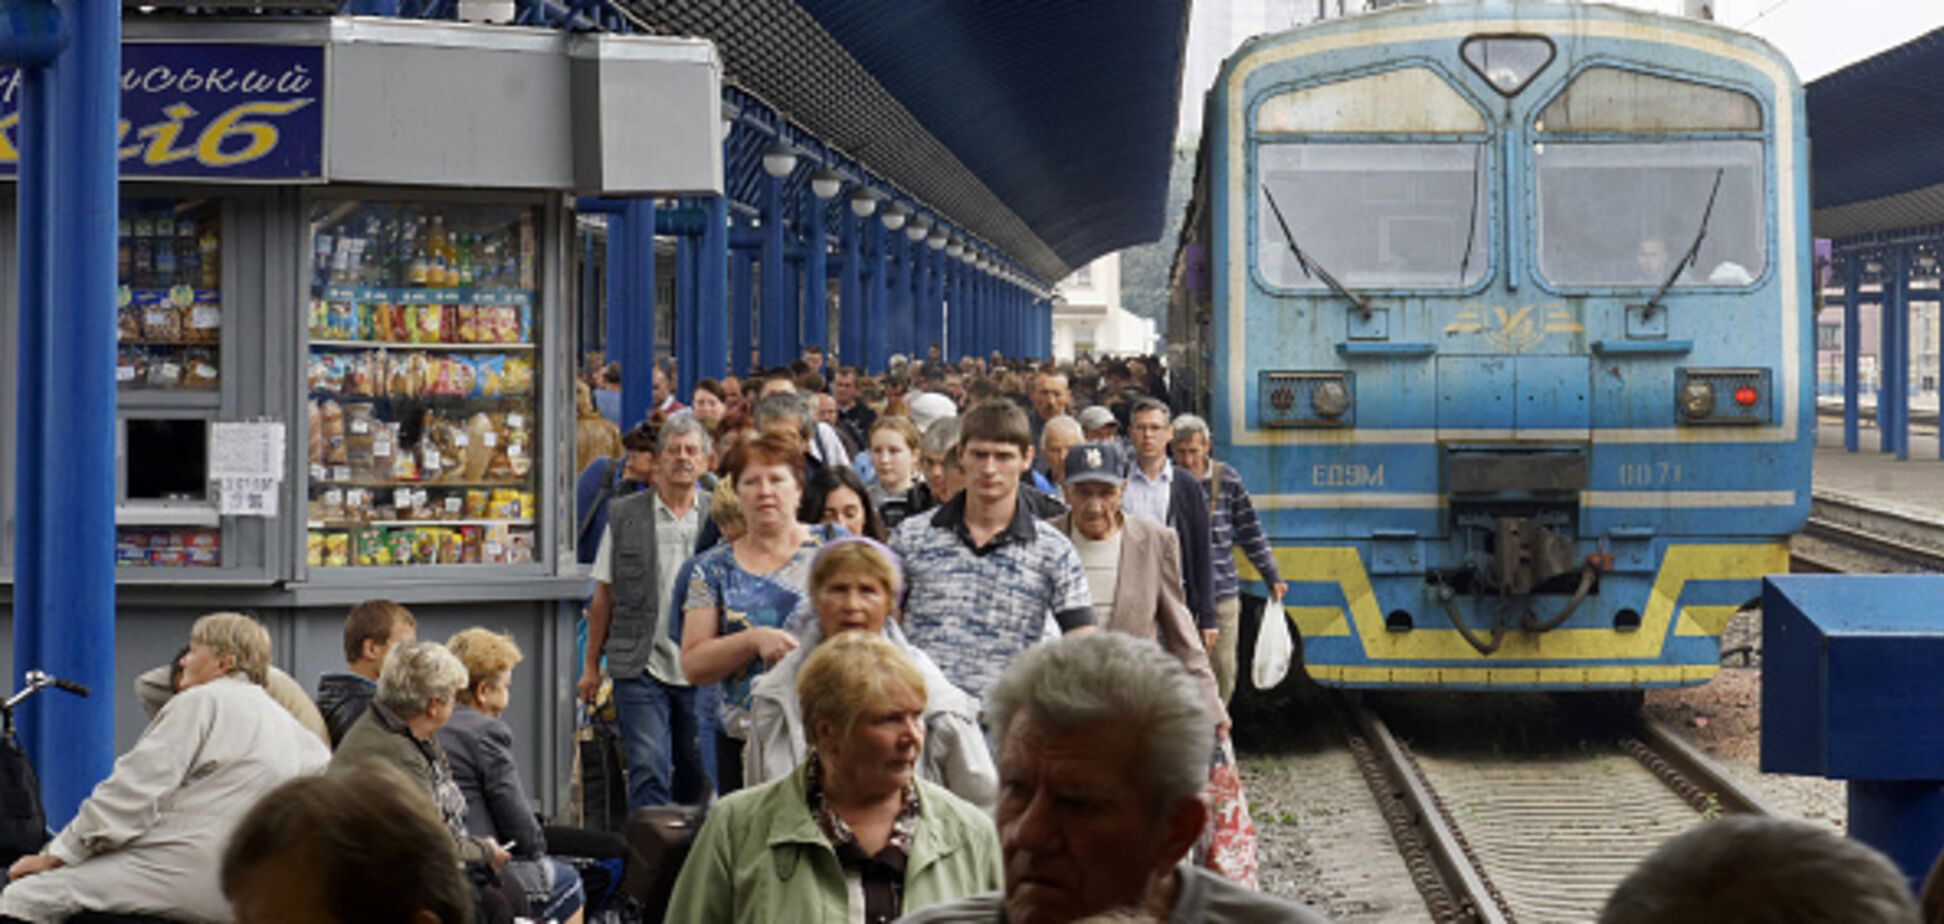 Єдиний квиток: 'Укрзалізниця' оголосила низку революційних нововведень